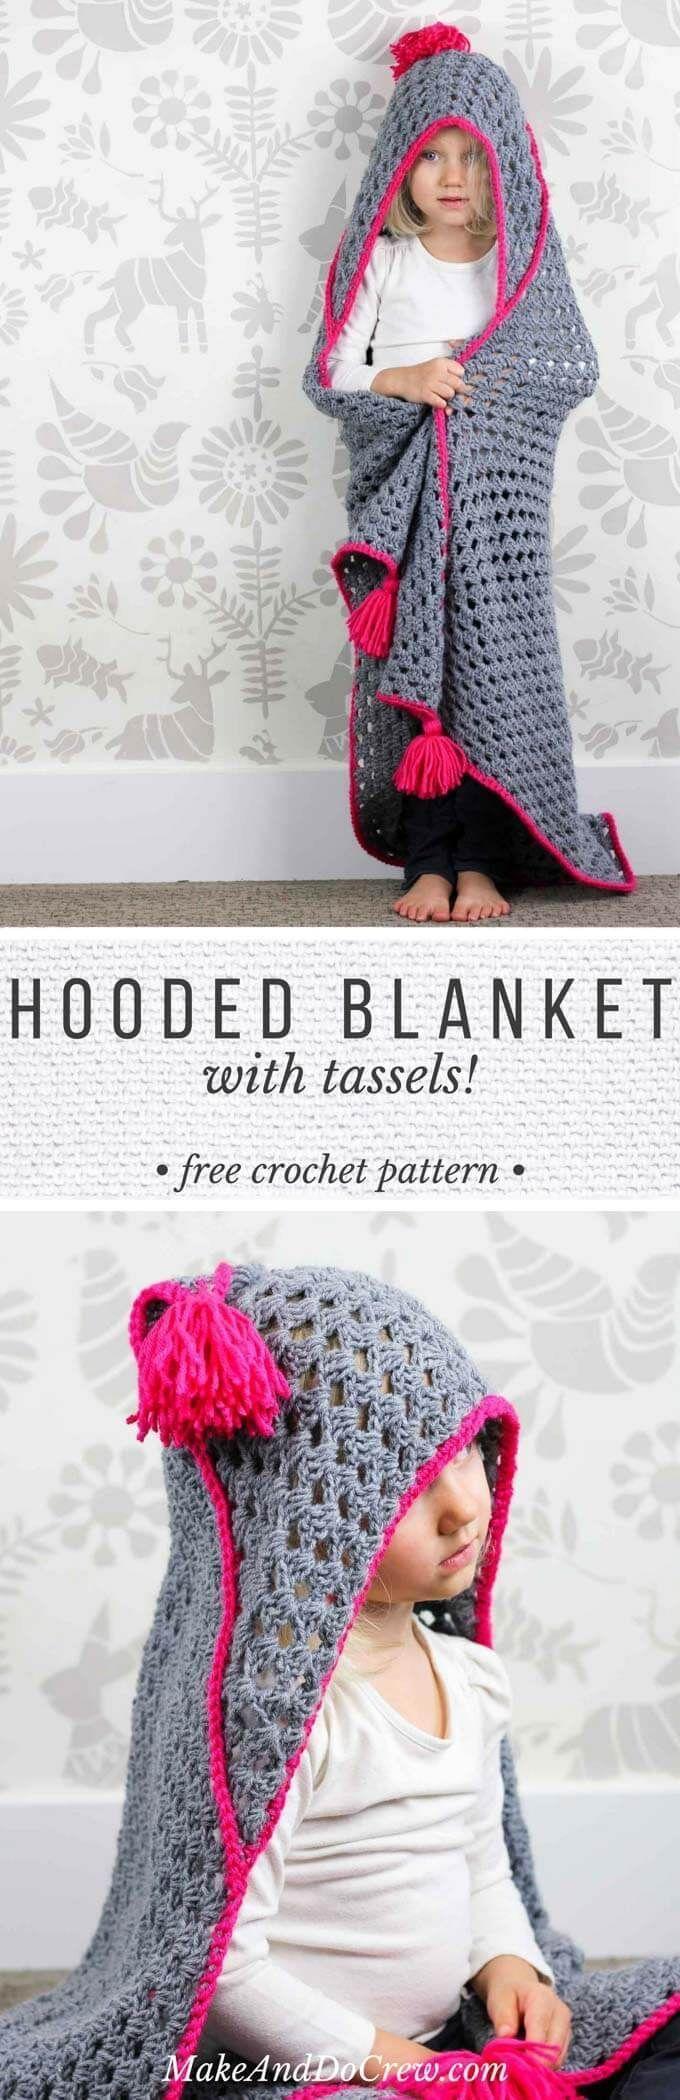 Modern Crochet Hooded Baby Blanket - free pattern for ...